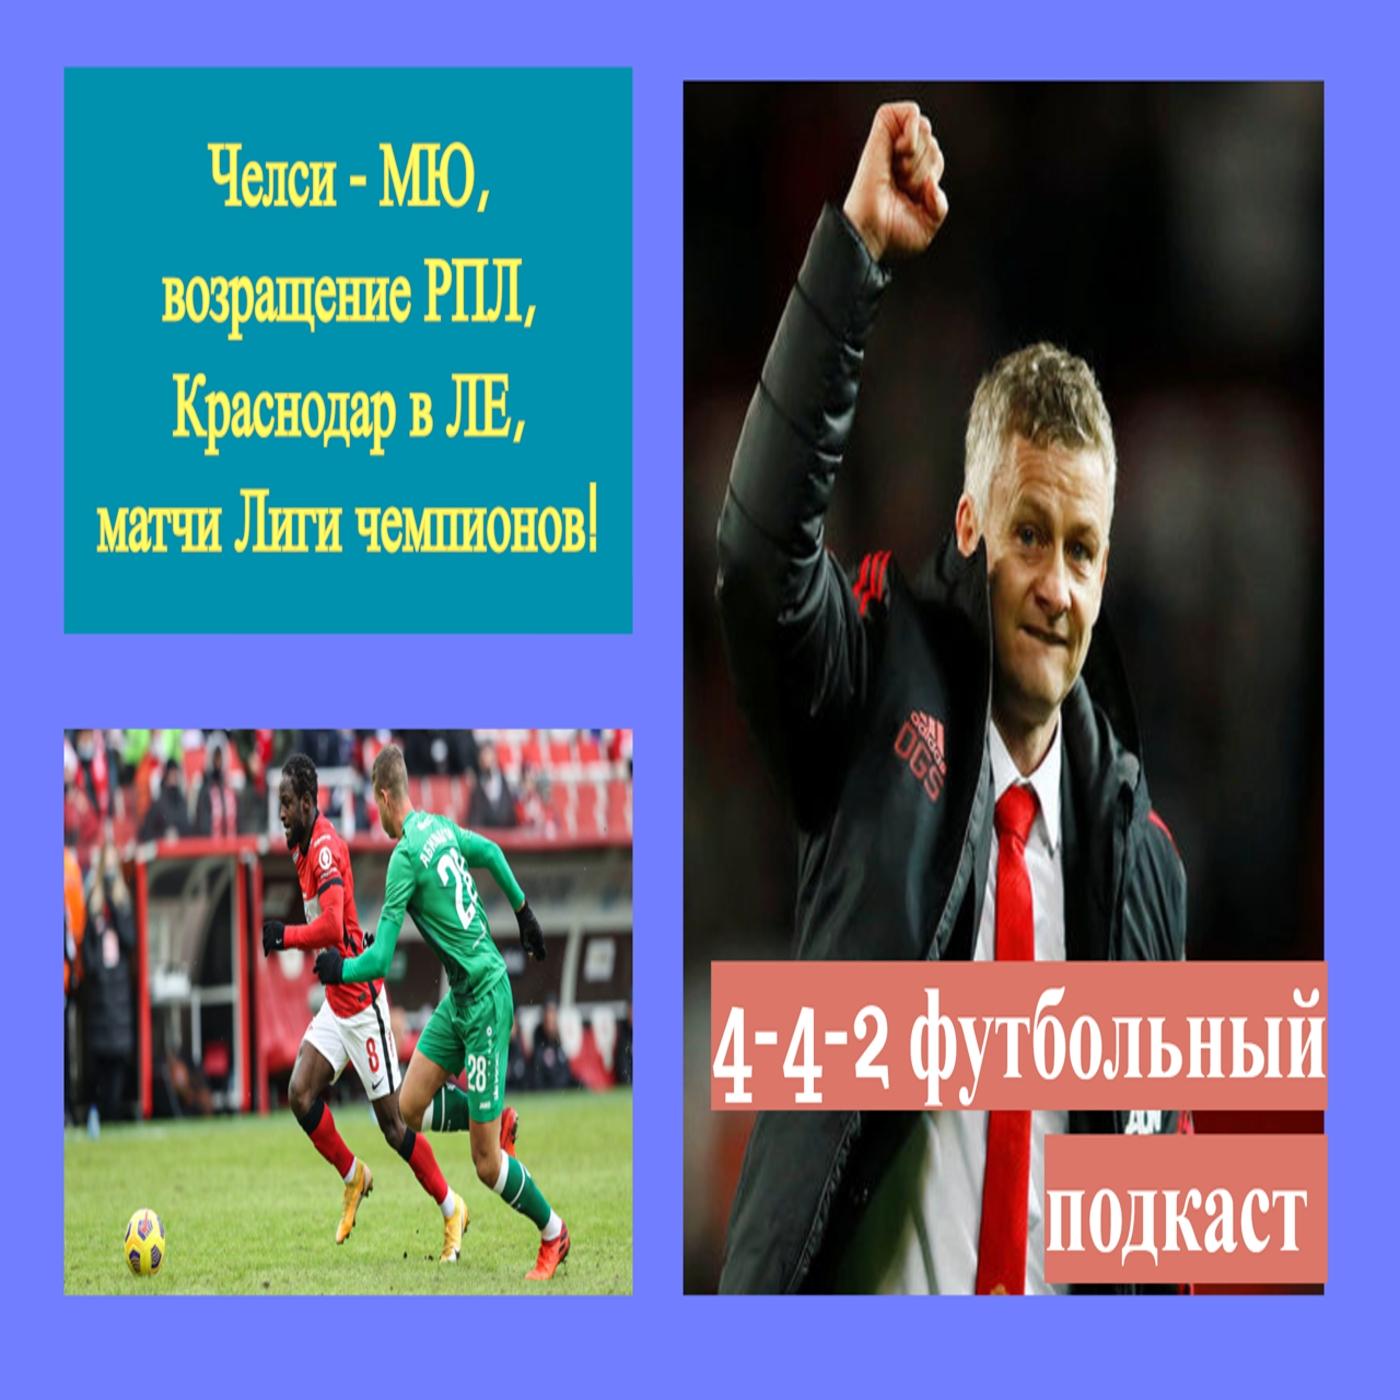 Челси - МЮ, возращение РПЛ, Краснодар в ЛЕ, матчи Лиги чемпионов!